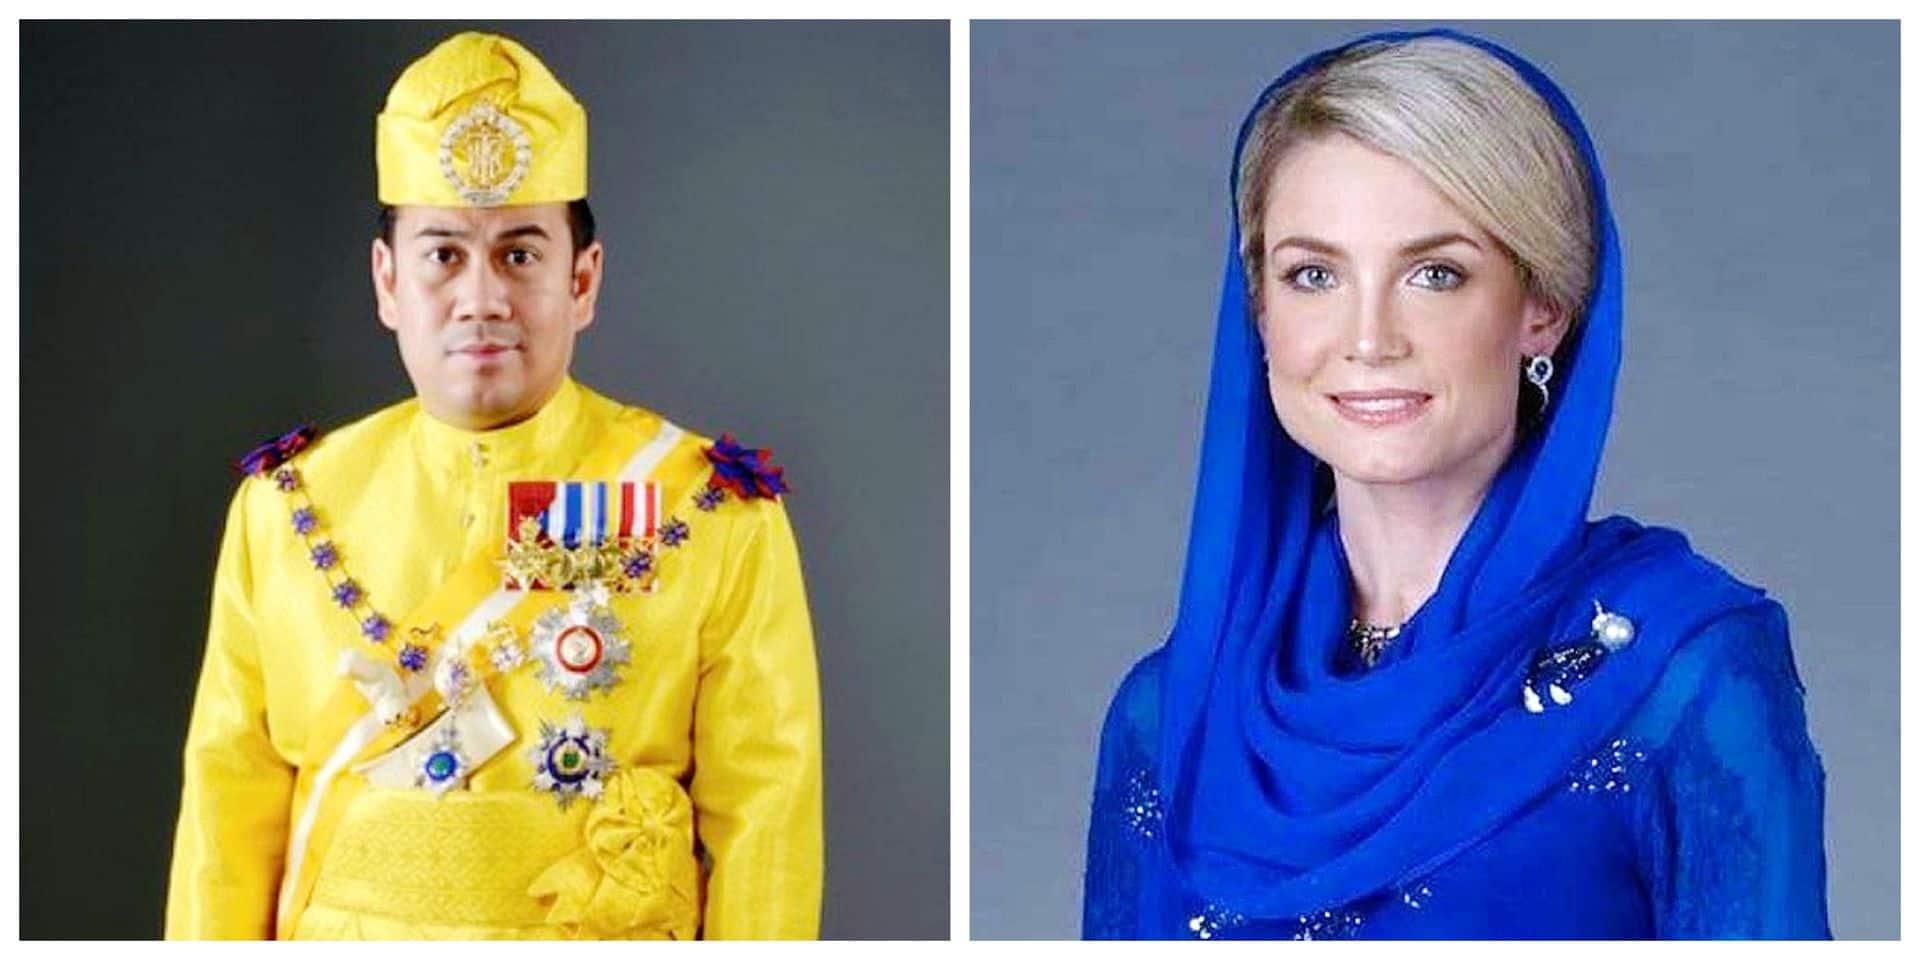 Une Suédoise va devenir princesse héritière du sultanat de Kelantan